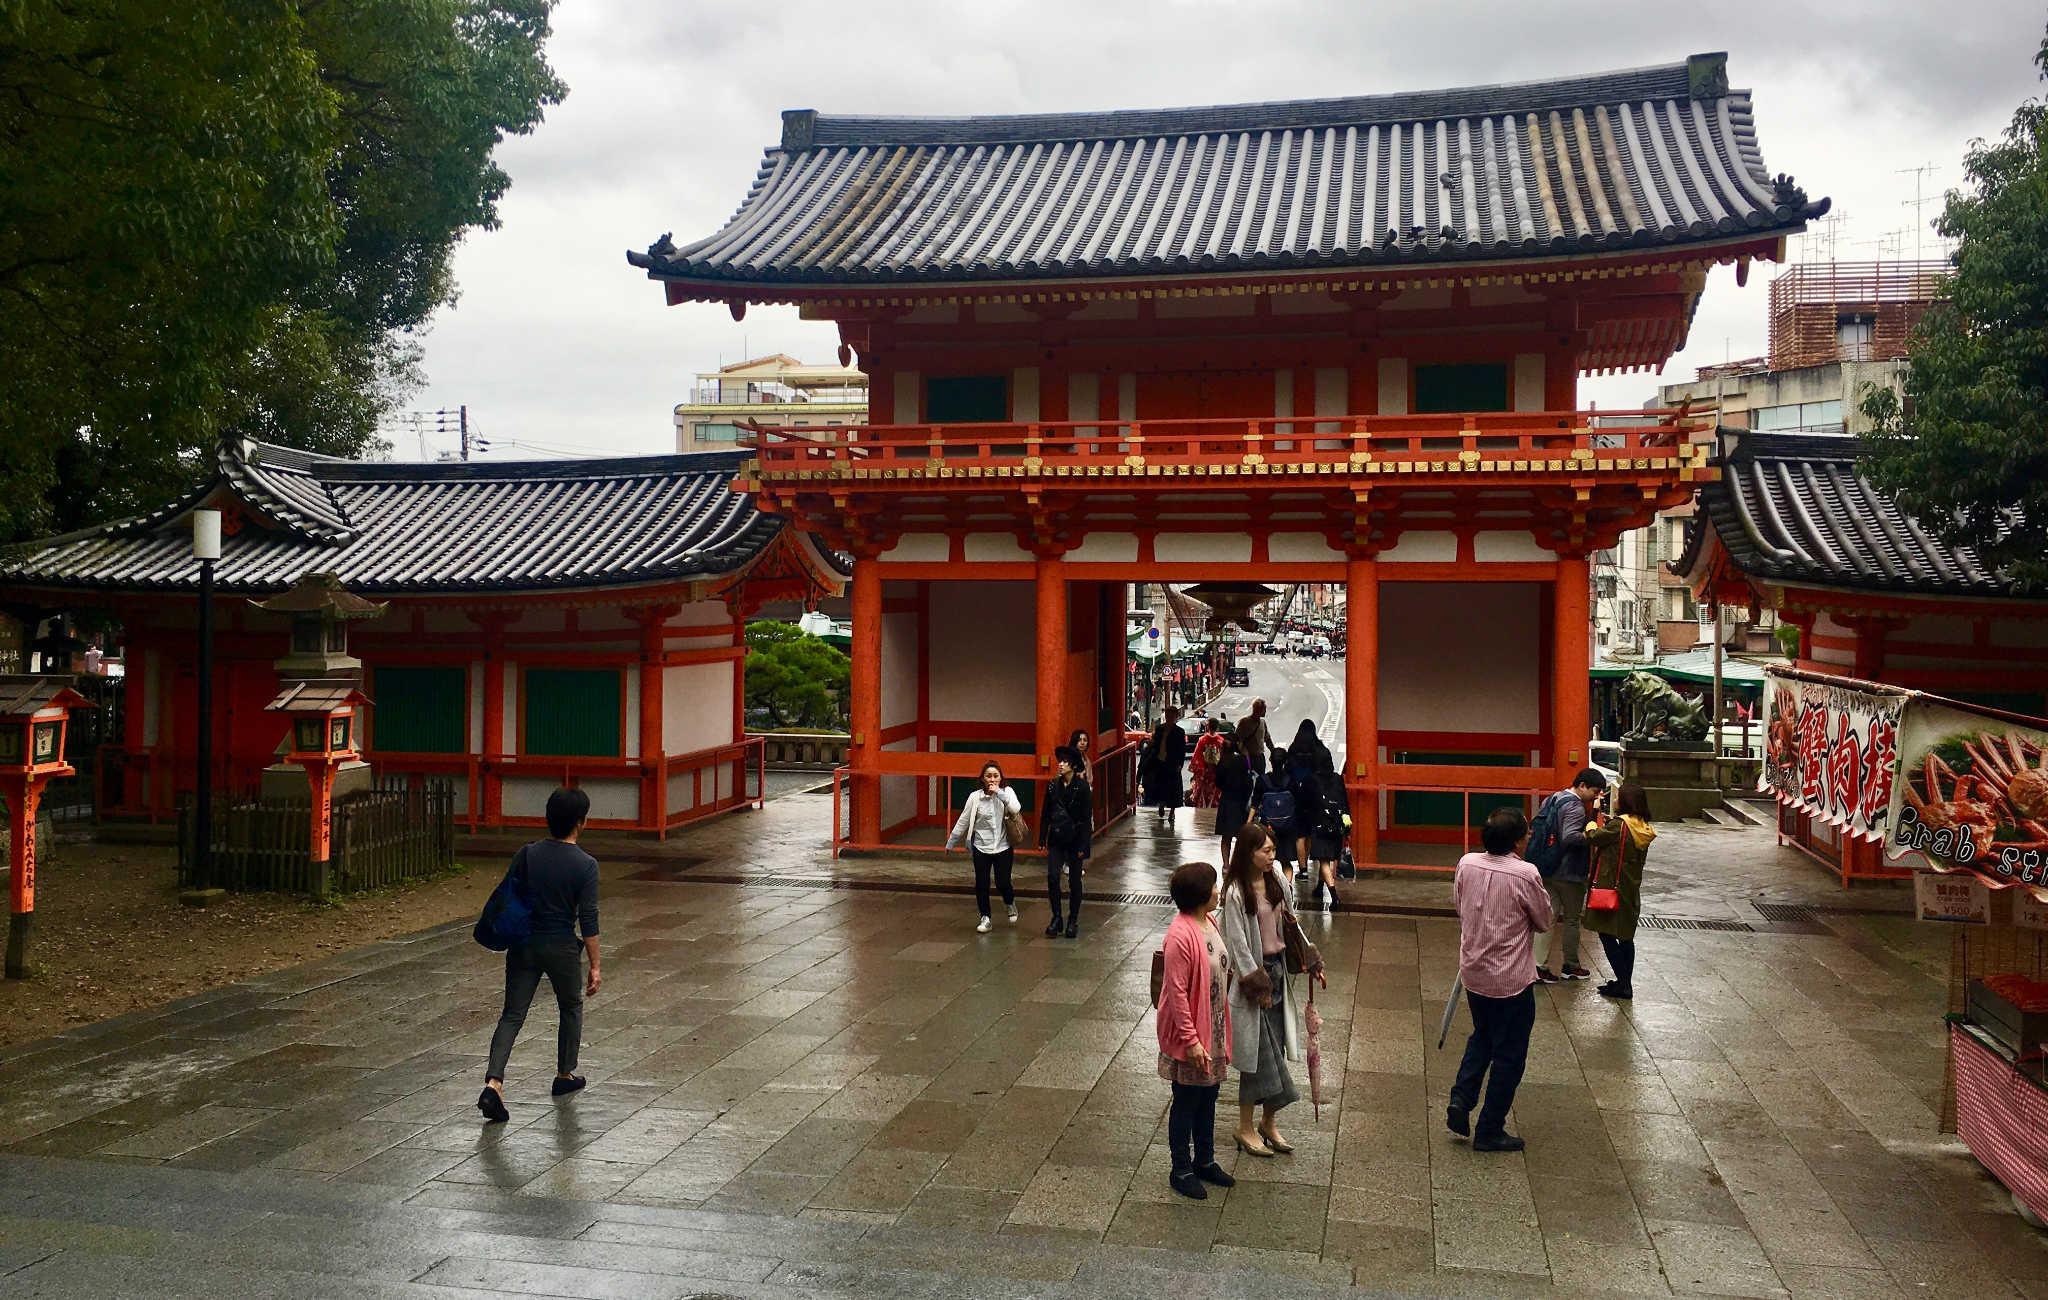 La porte d'entrée du sanctuaire avec dans son prolongement l'avenue principale du centre de Gion